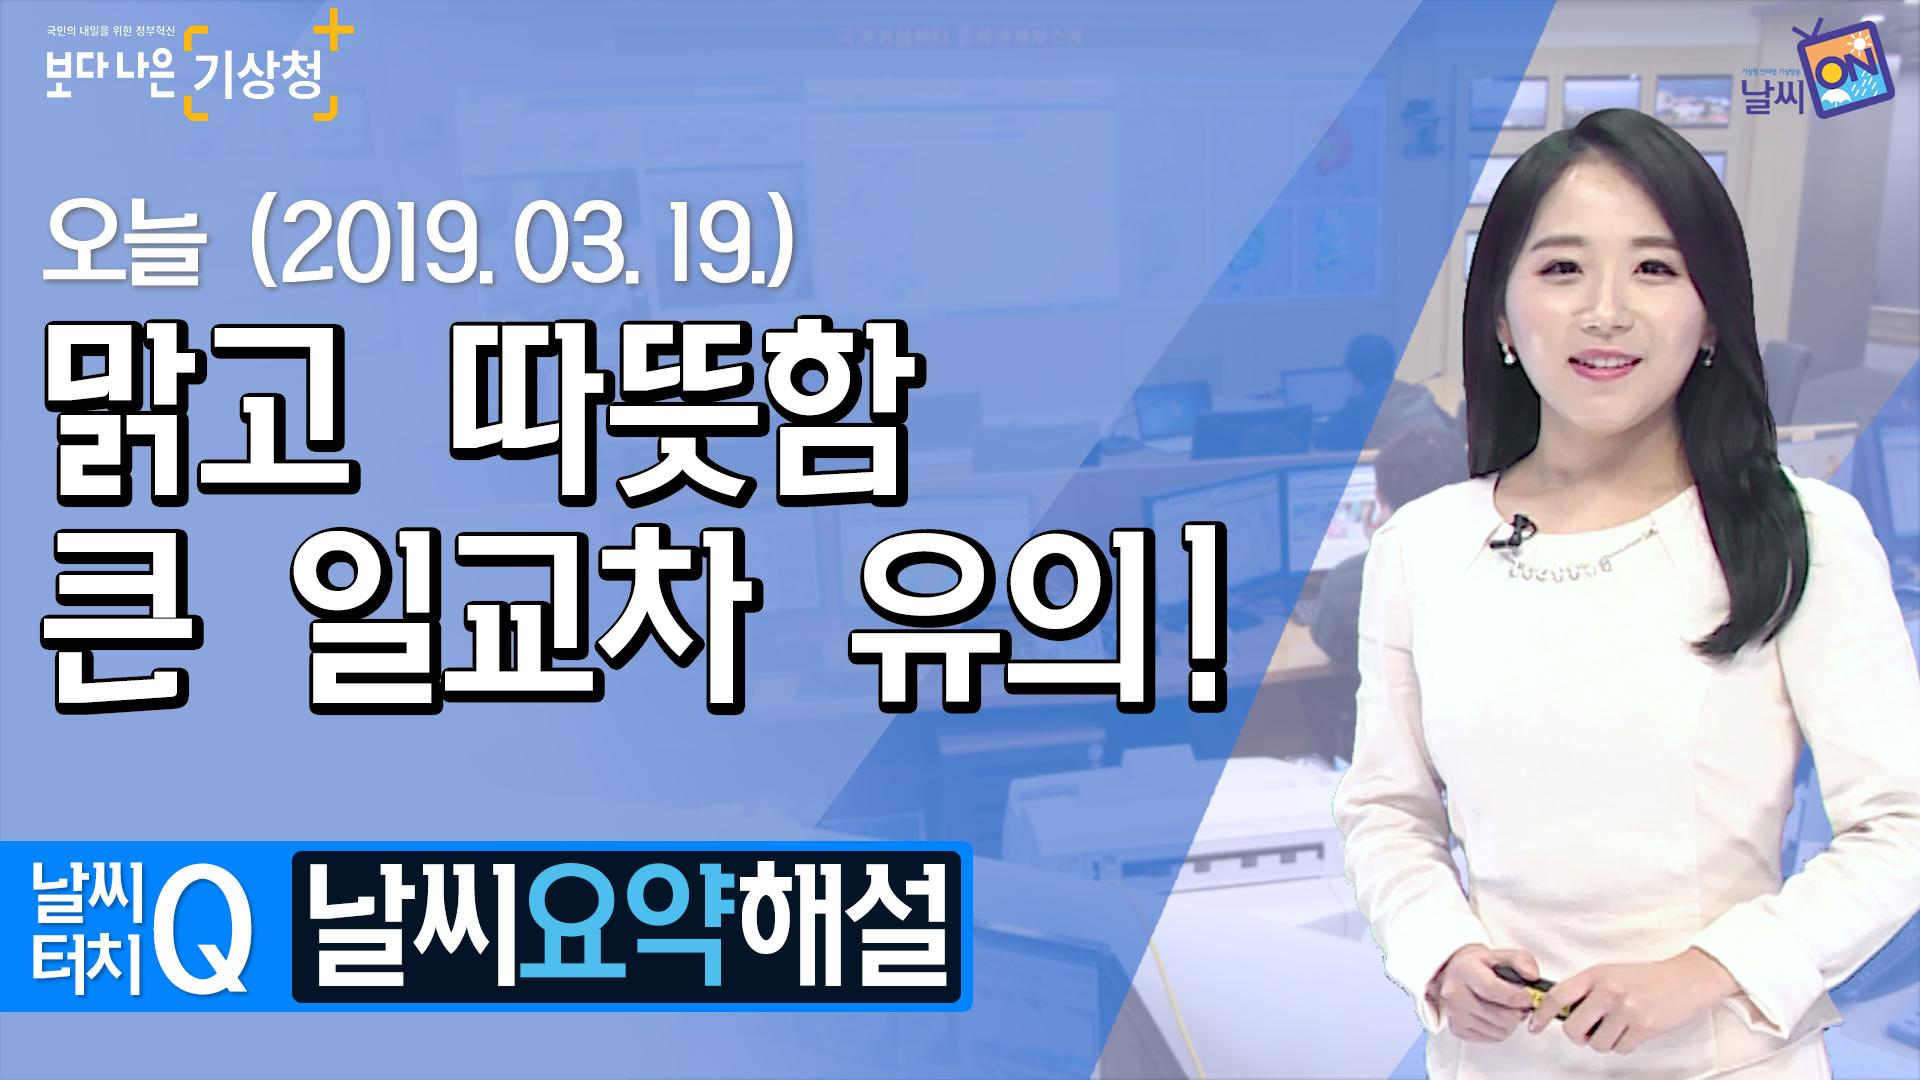 [11시] 3월 19일 맑고 따뜻함, 큰 일교차 유의!